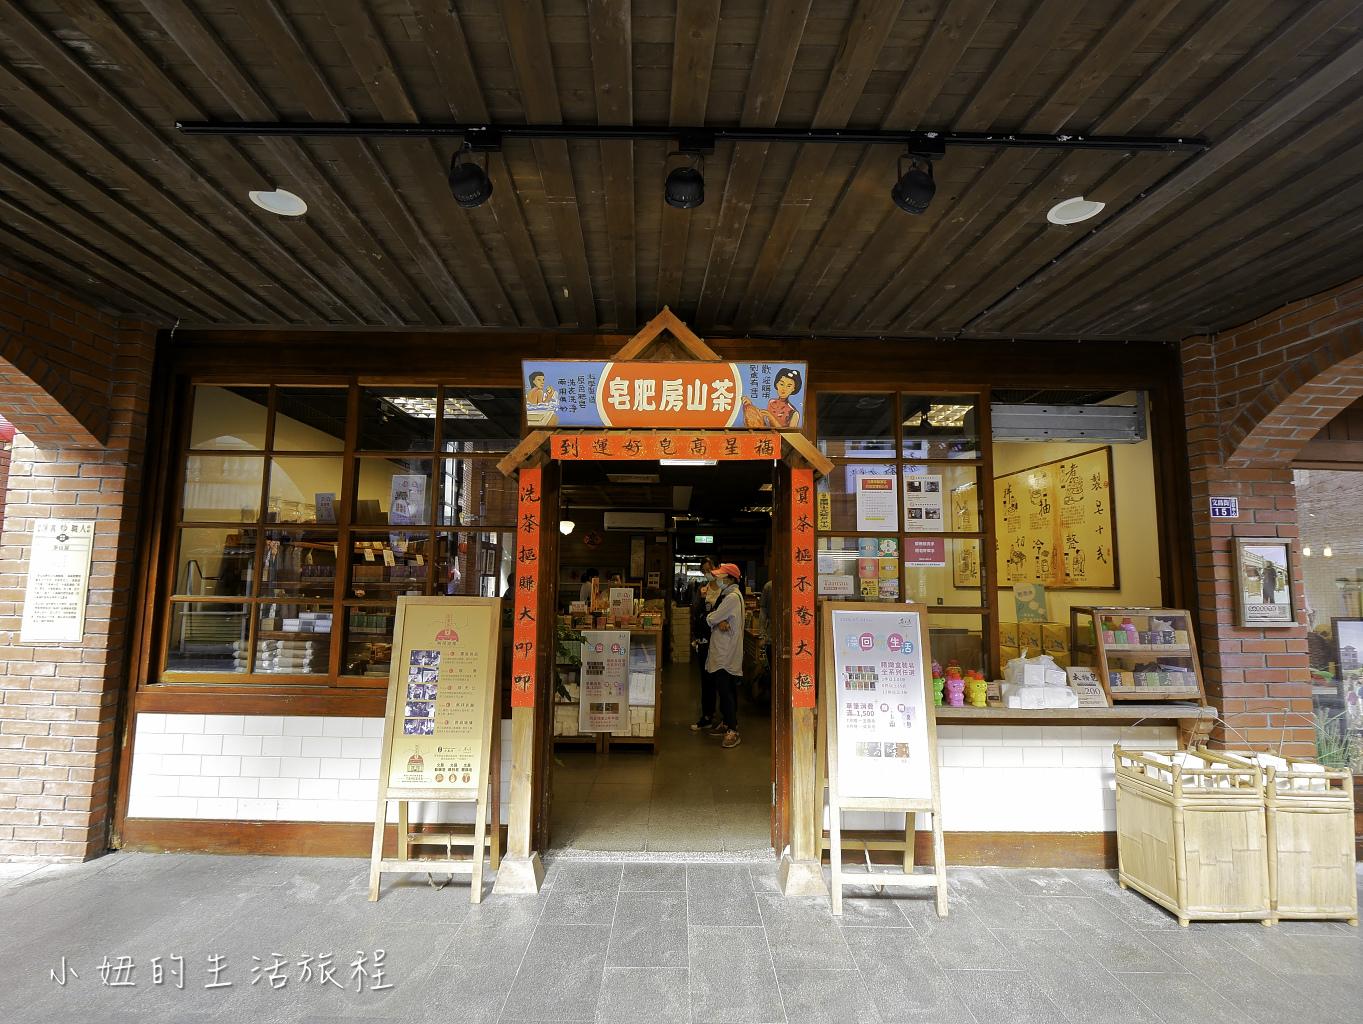 國立傳統藝術中心-33.jpg